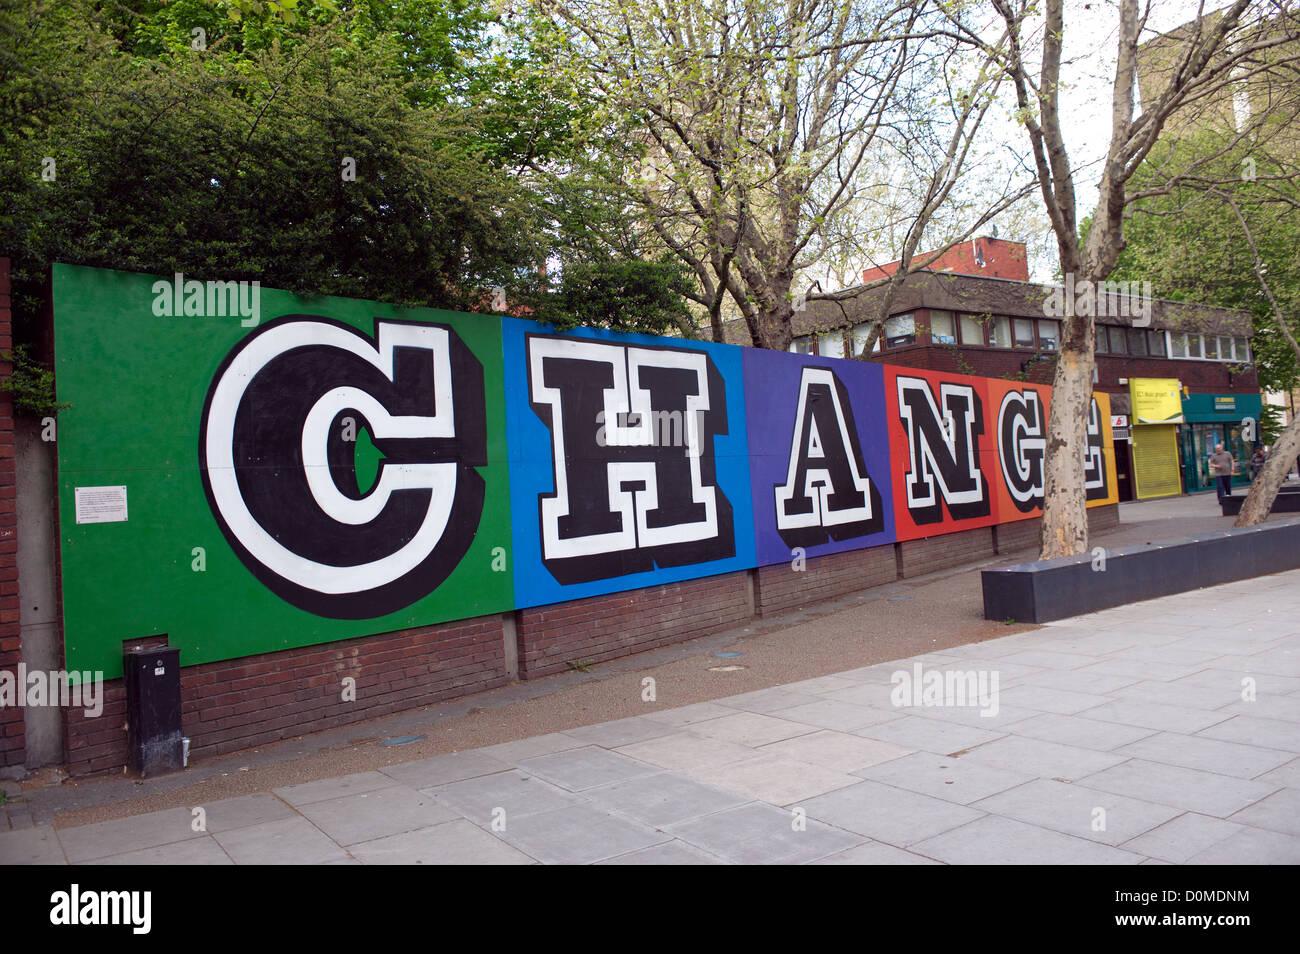 Street art graffiti called 'Change' by Ben Eine. - Stock Image